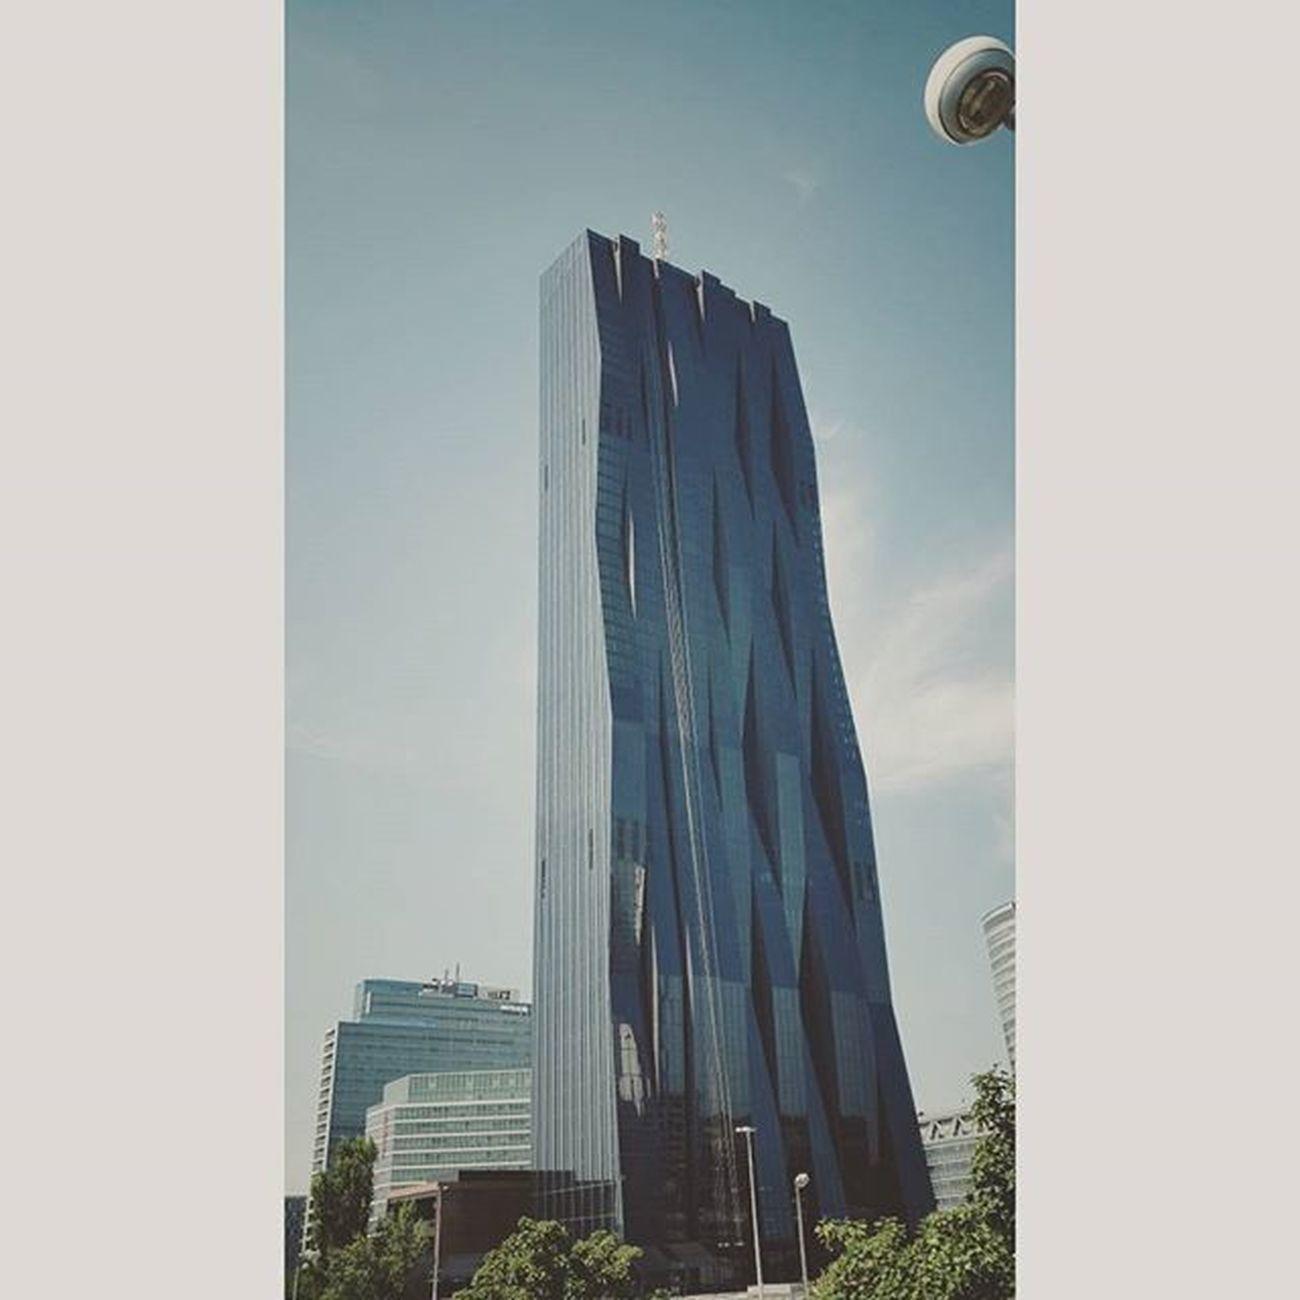 Dctower Wolkenkratzer Hochhaus Skycraper blue sky tower clouds city stadt wien samsunggalaxyalpha samsung ;-)